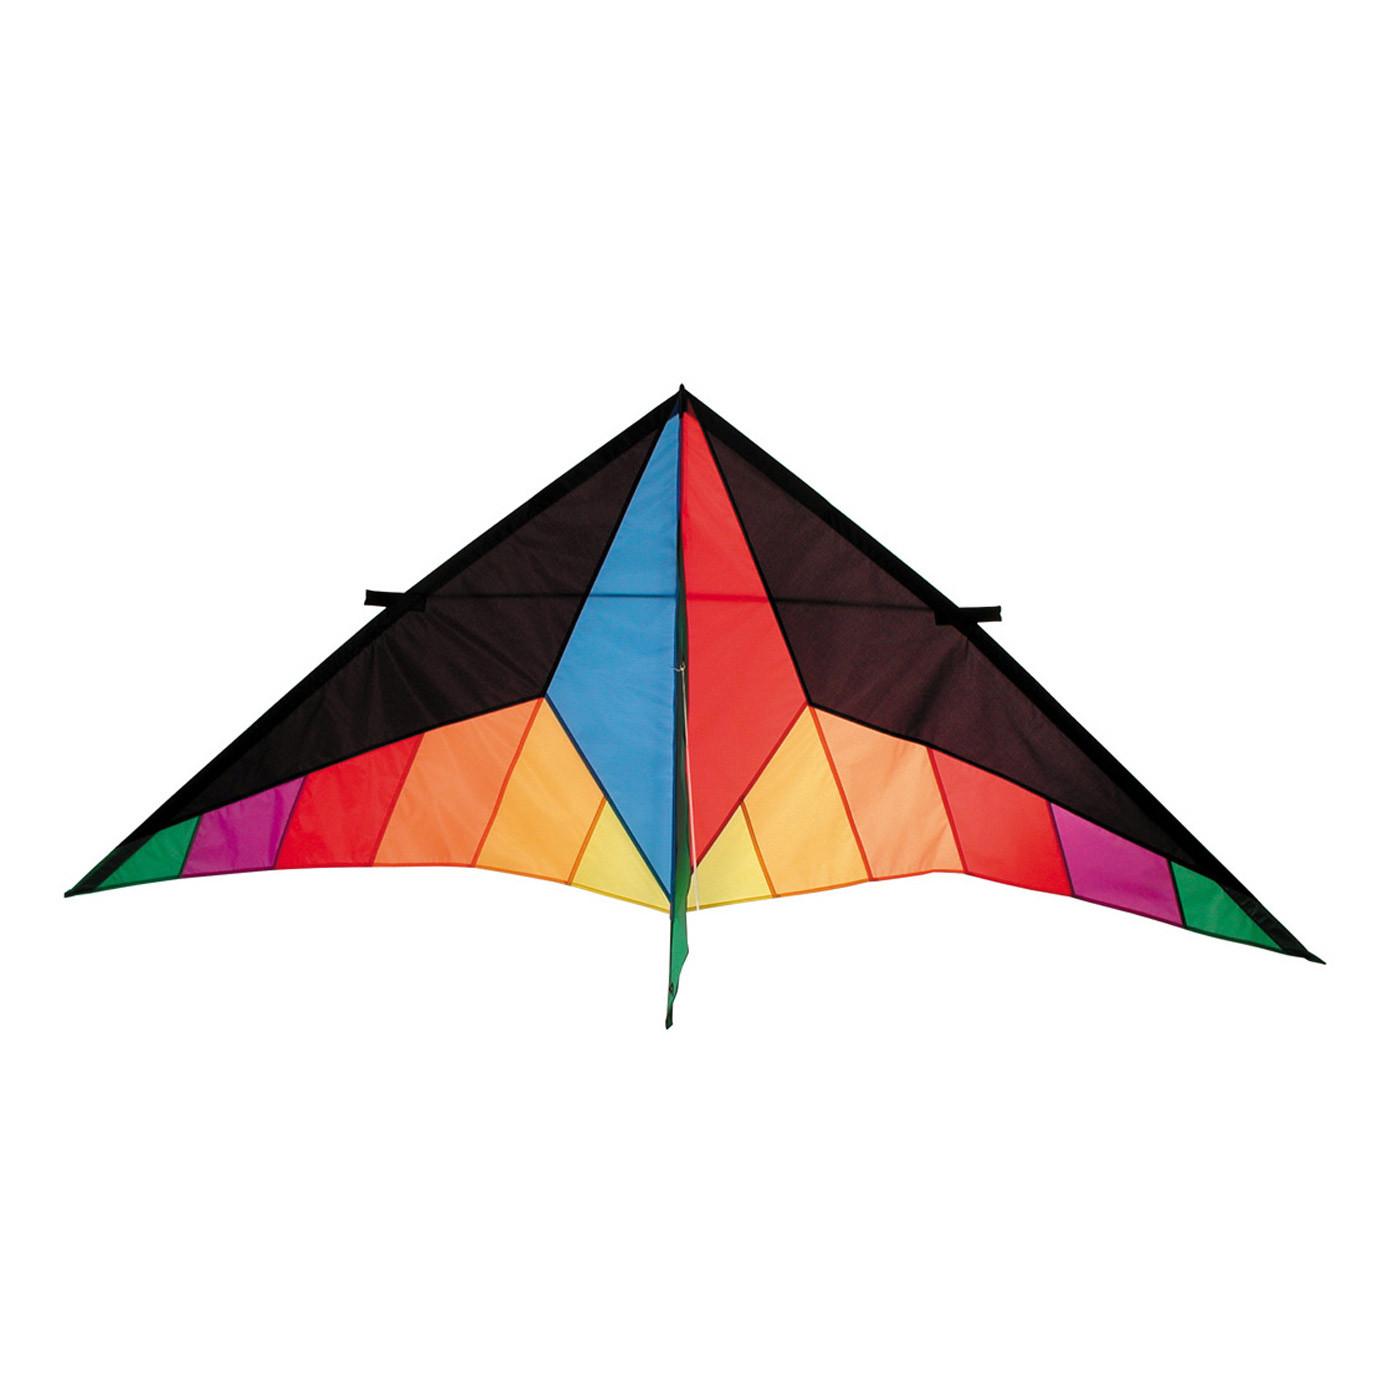 Delta sport kite 2 m delta box kites wind designs for Indoor kite design